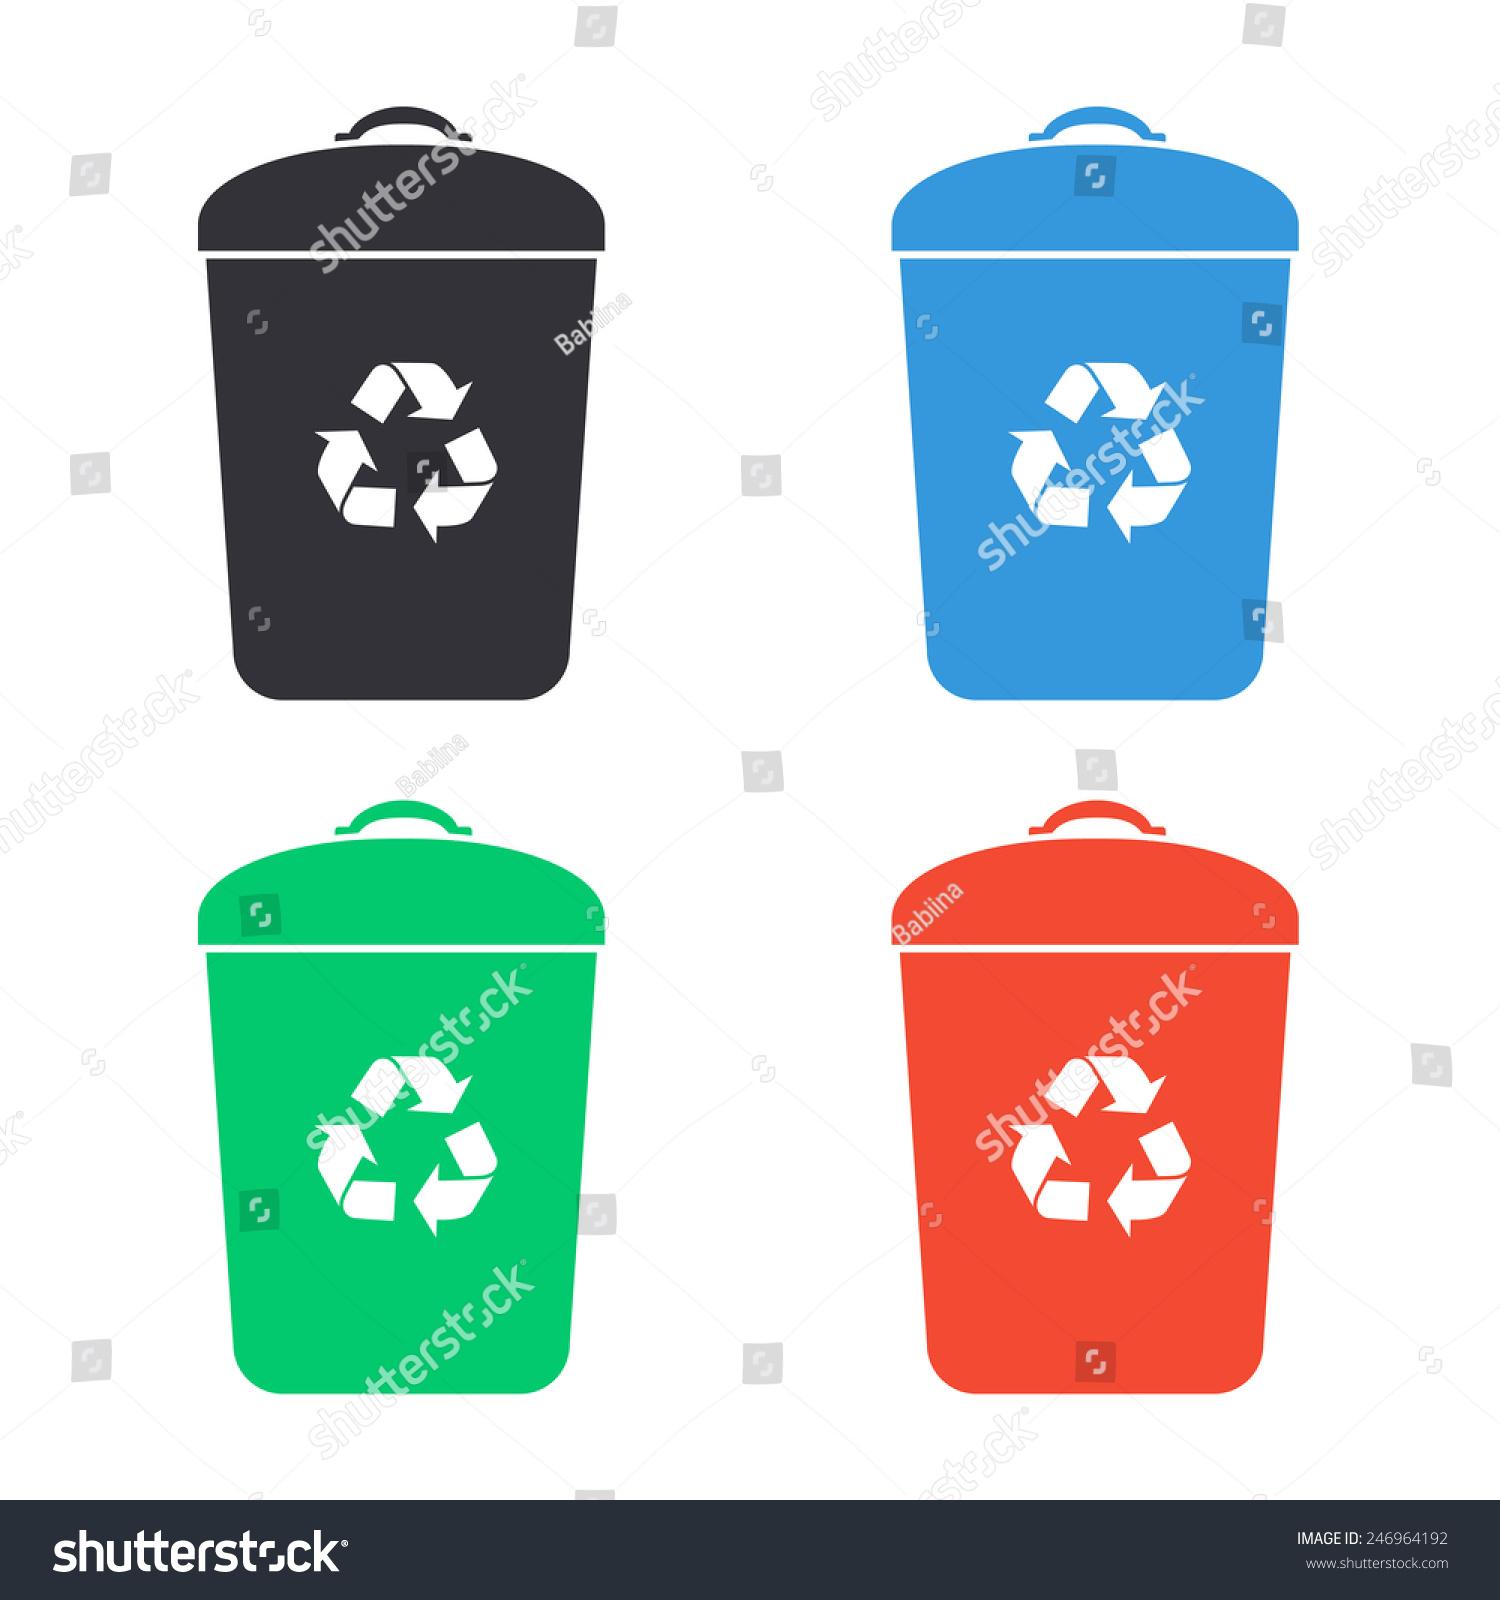 垃圾桶图标——彩色矢量插图